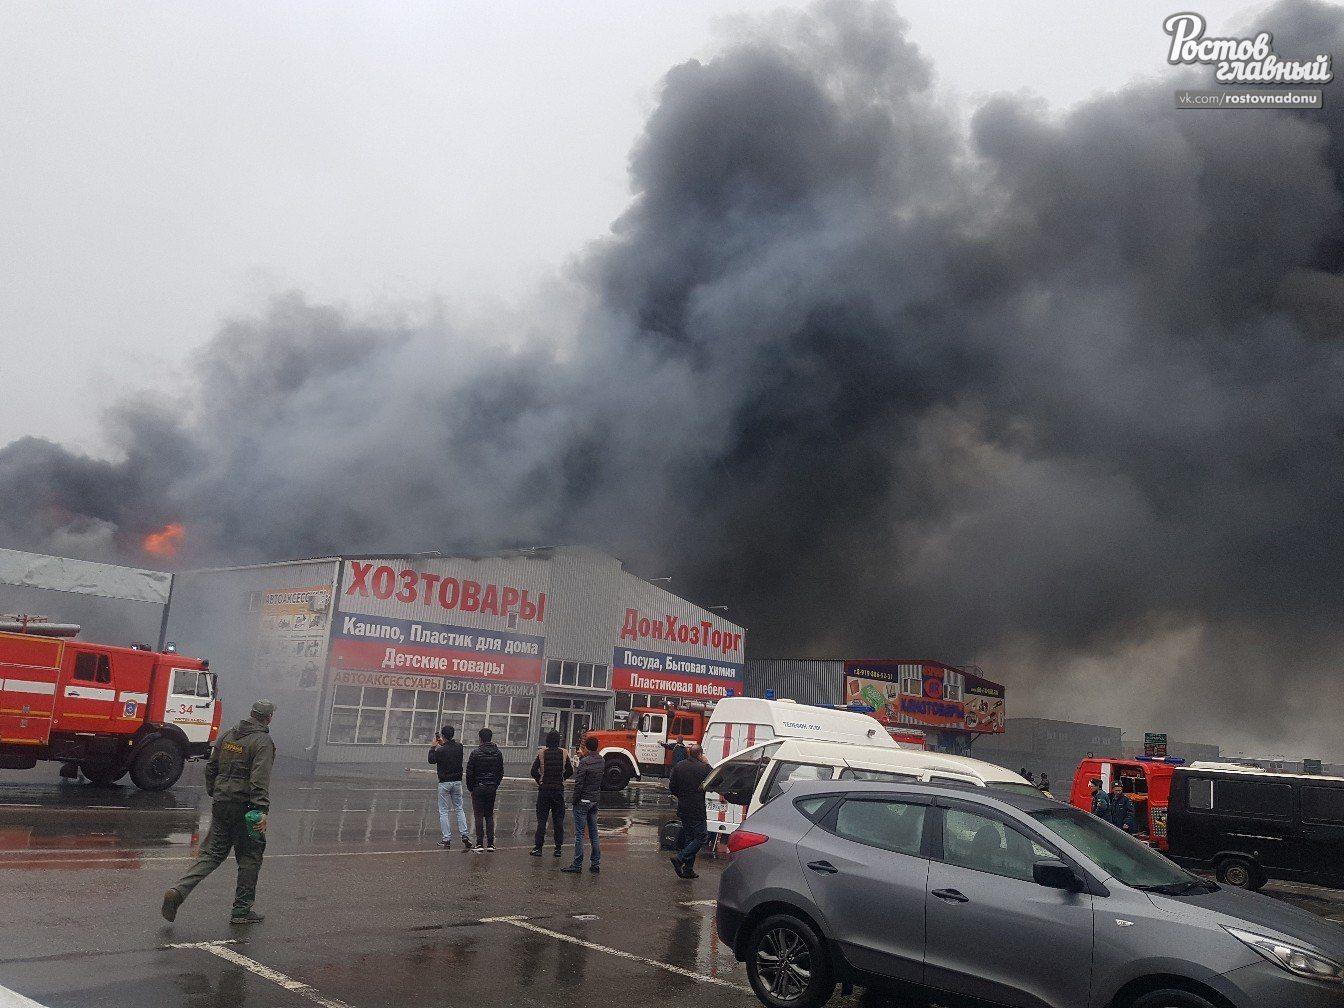 ВРостове-на-Дону полыхает рынок «Атлант», огонь оцепил 450 квадратных метров площади